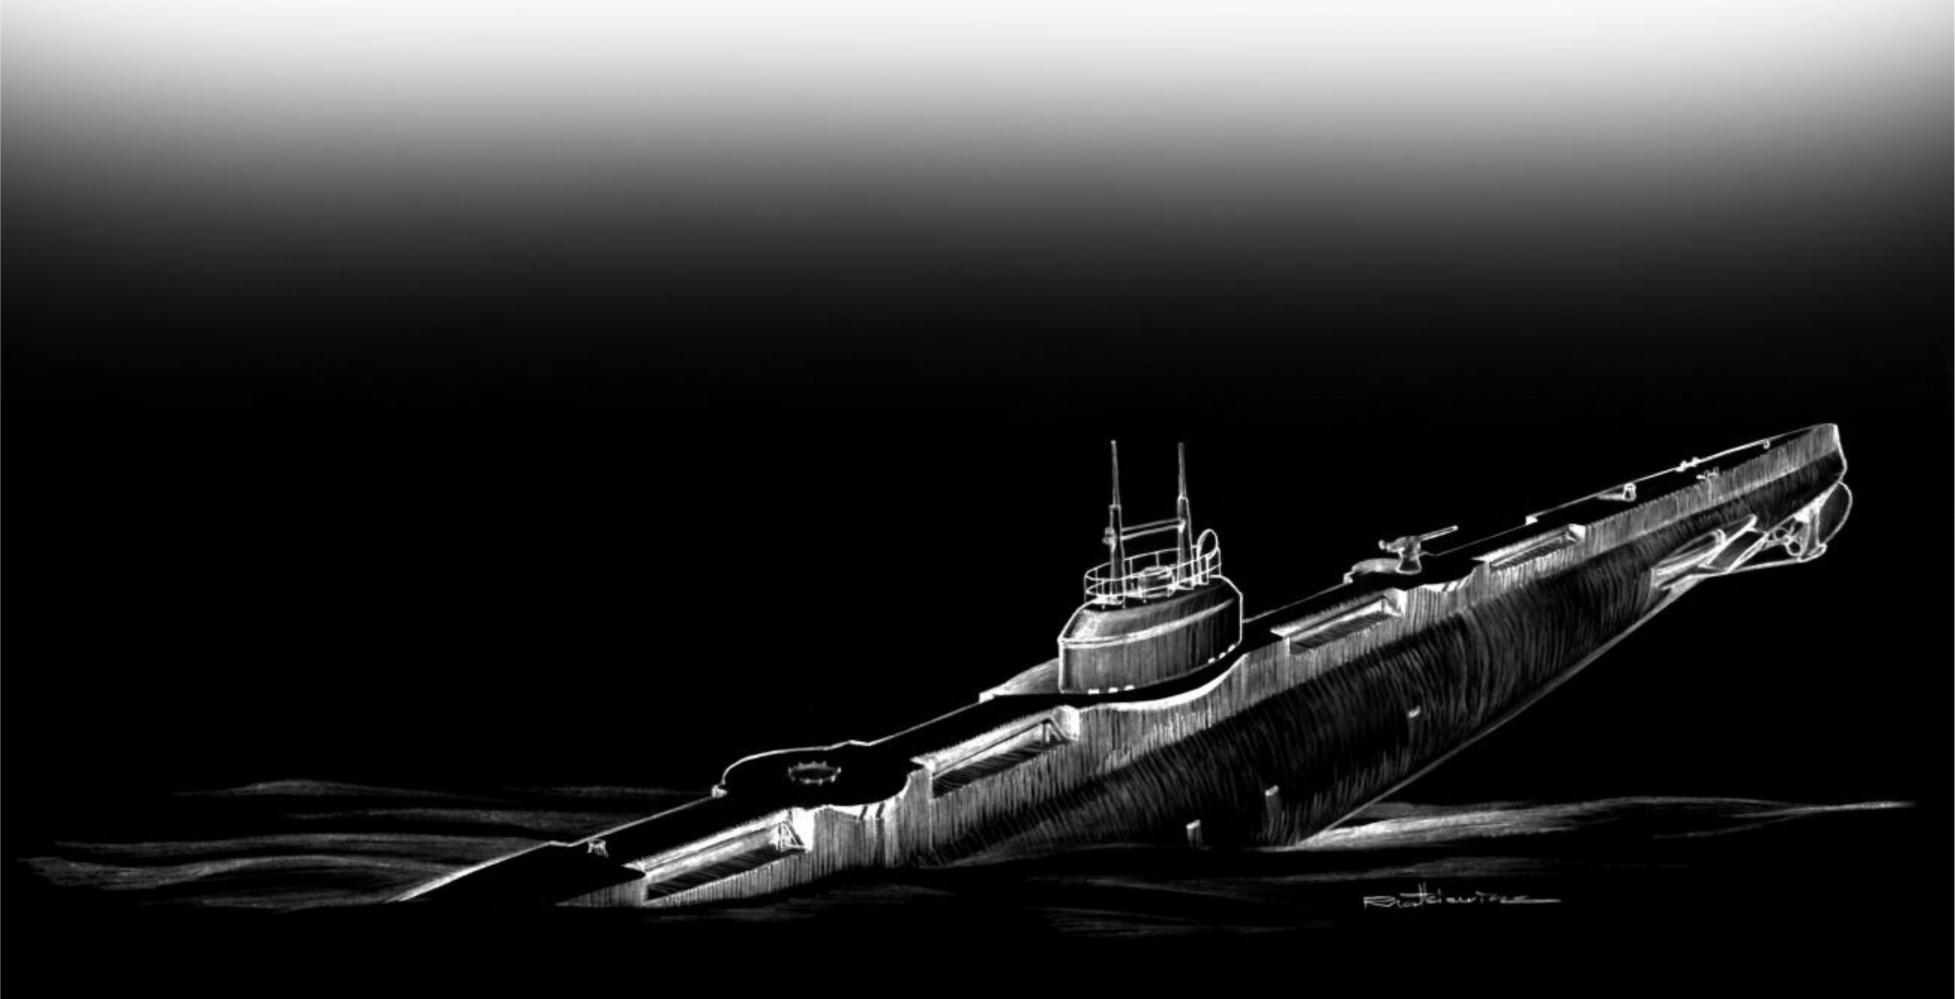 Allveelaeva vrakk lokaliseeriti augustis 2008 Veeteede Ameti merepõhja mõõdistööde raames poilaevaega EVA-308. Vrakk identifitseeriti 2009. aasta mais Eesti Meremuuseumi välitööde käigus Vello Mässi (Eesti Meremuuseum) ja Kaido Peremees (Tuukritööde OÜ) […]